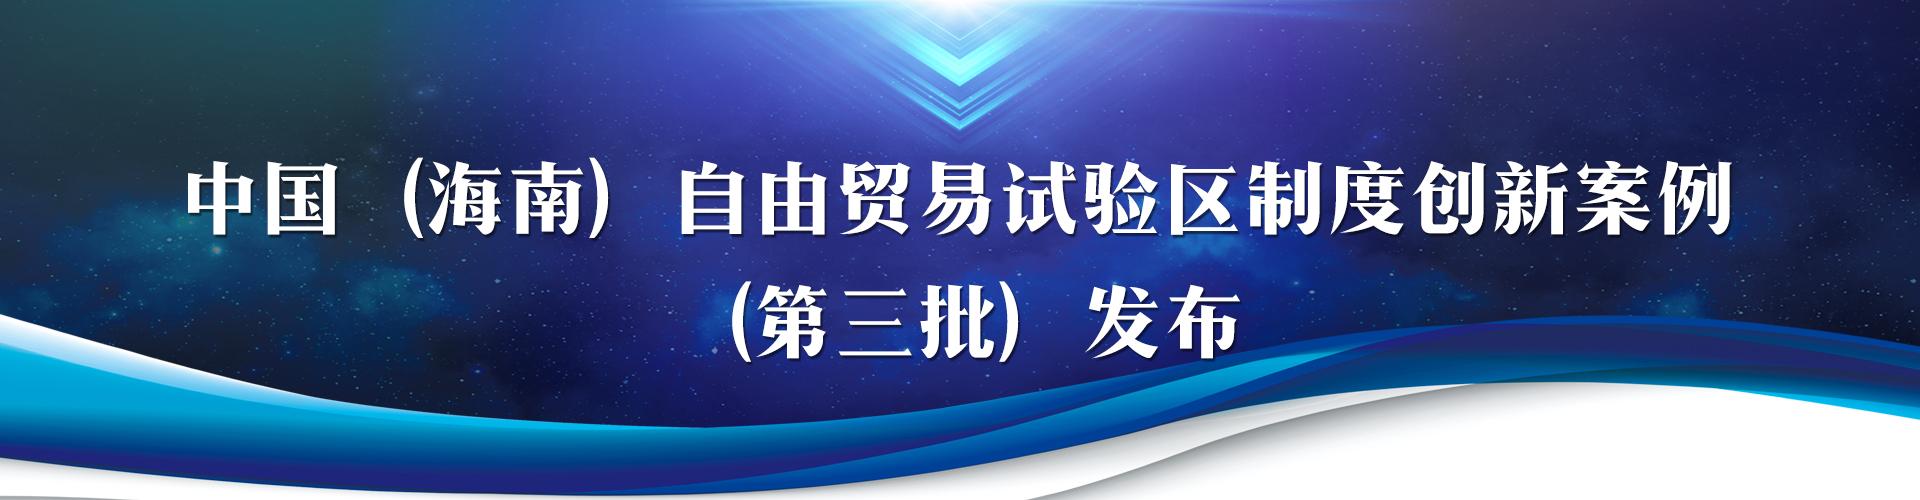 自贸区制度创新案例 海南2757支乡村振兴工作队全省镇村全覆盖 属全国唯一省份